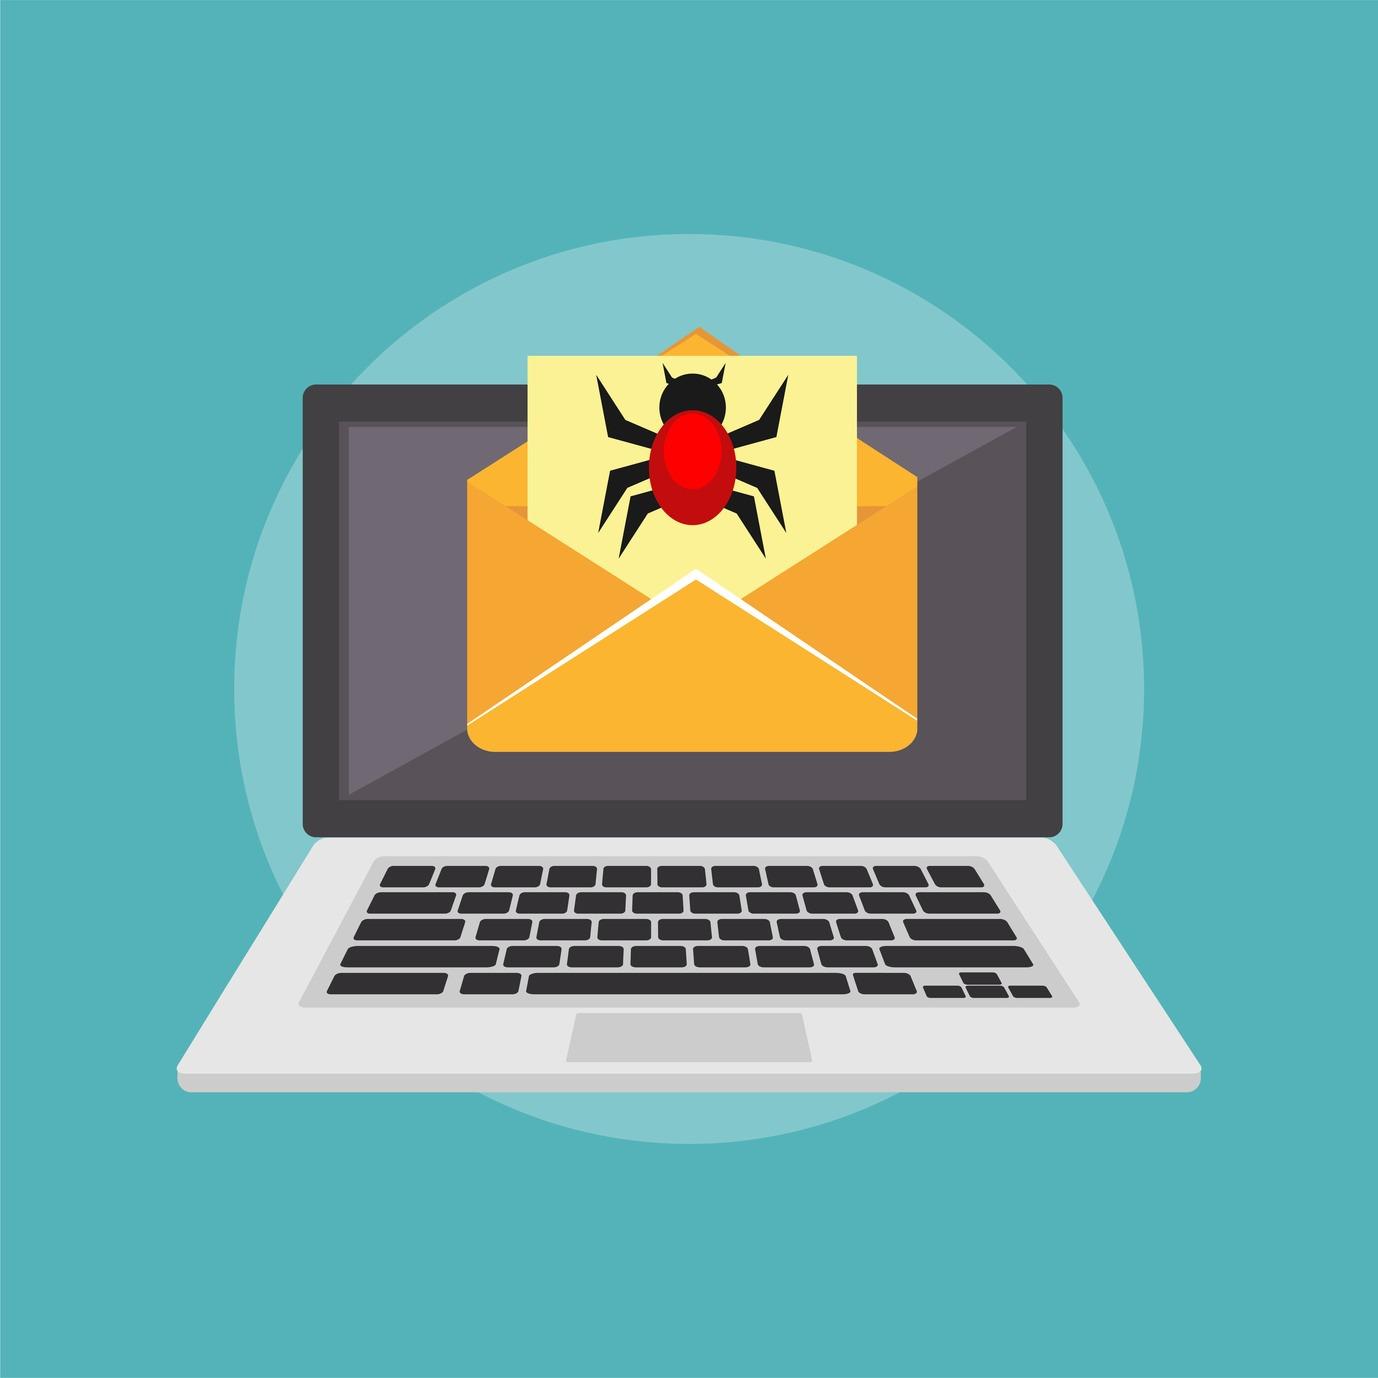 Malware appare da una mail di phishing